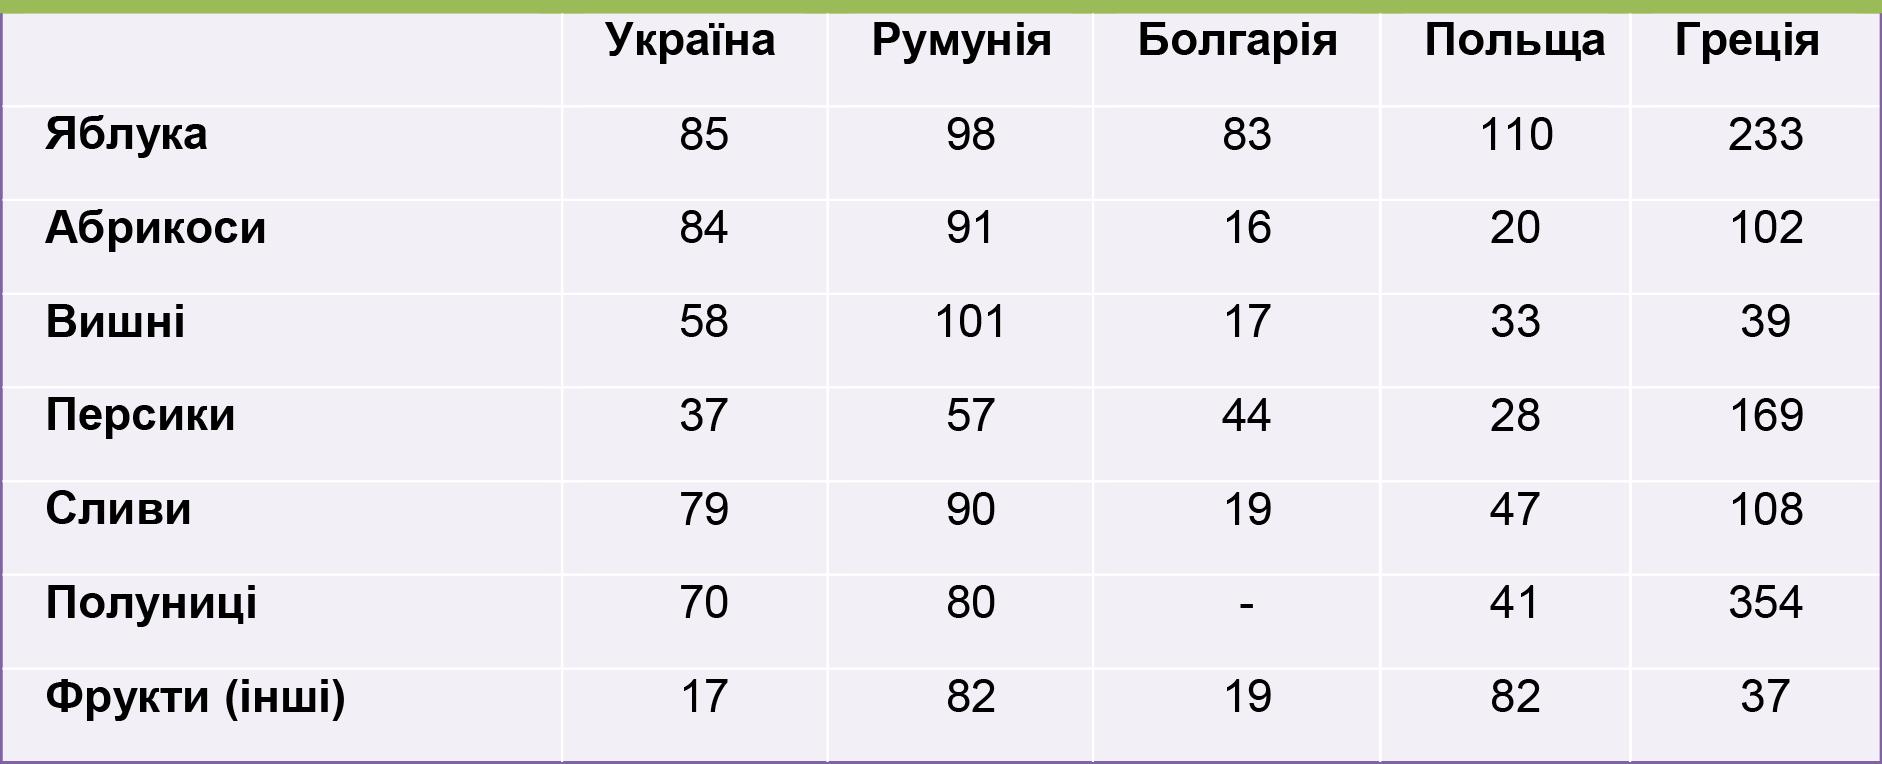 Врожайність фруктових культур і ягід у Східній Європі, 2010 р., ц з га